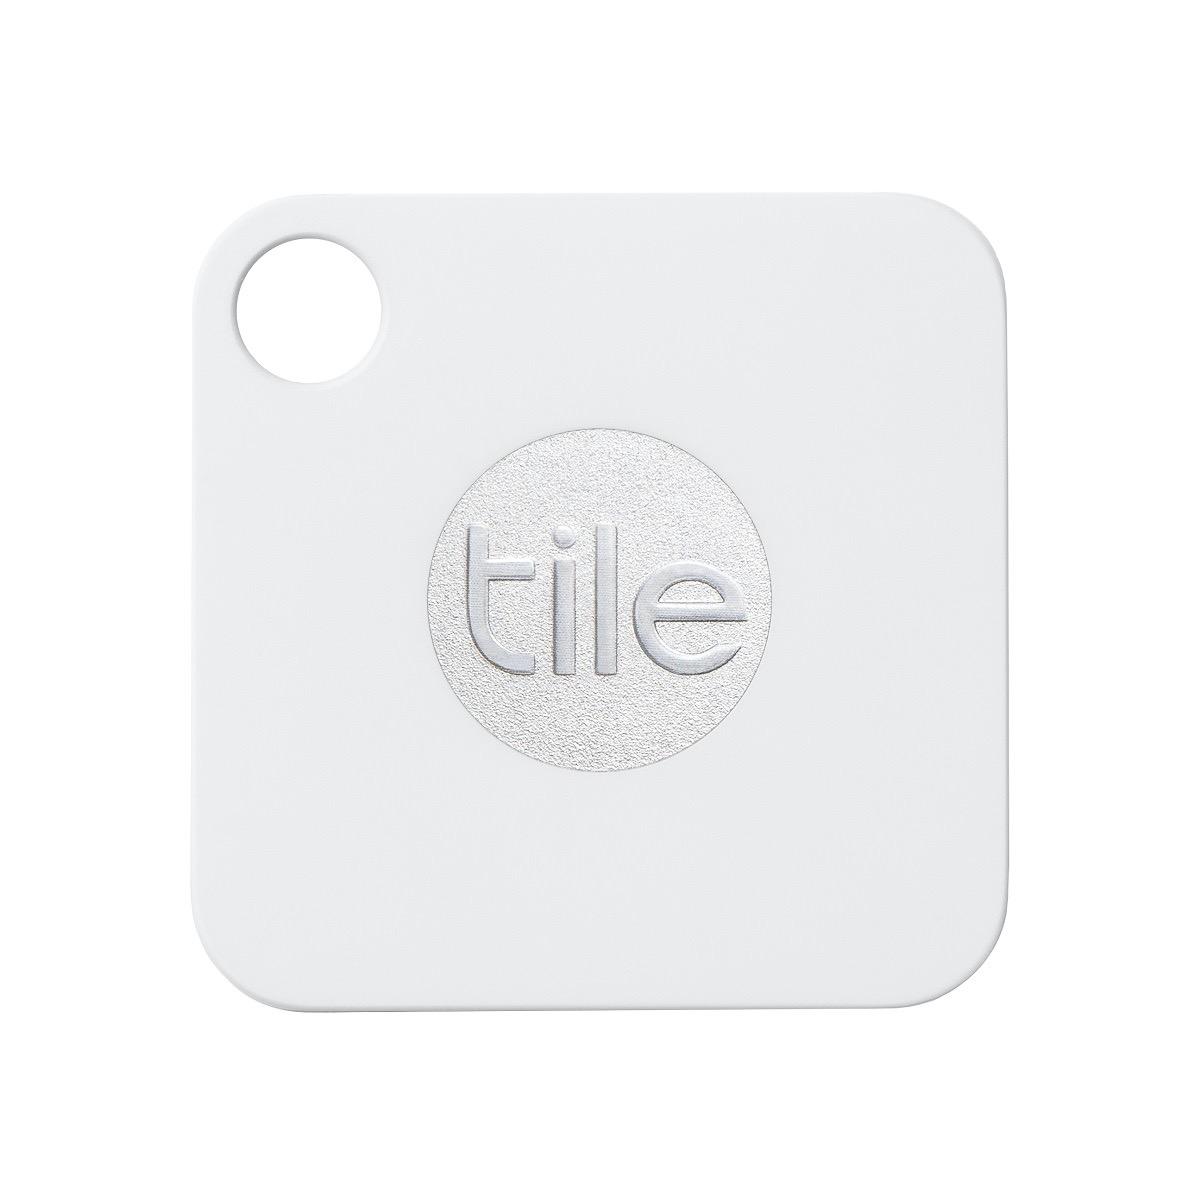 【Tile】全国5,000店舗のコンビニで忘れ物防止タグ「Tile Mate」を同梱した「Tile Mate Book」を880円で販売